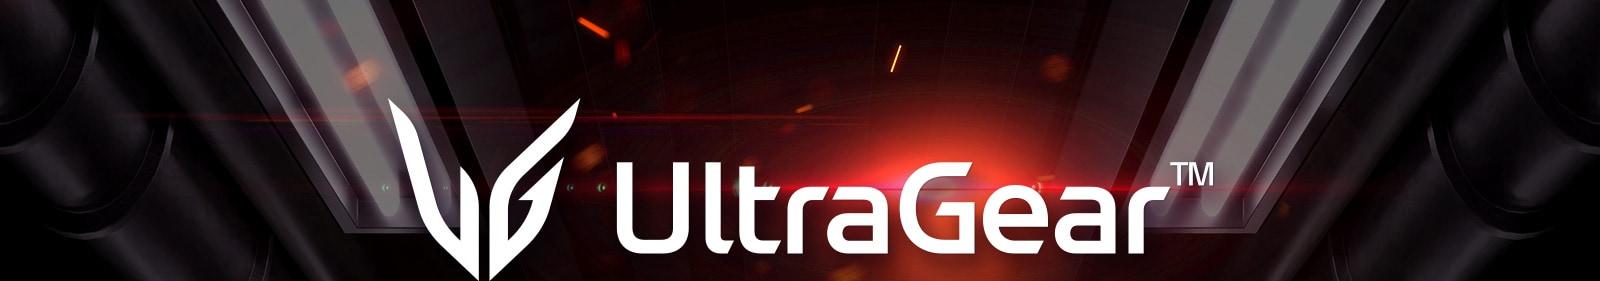 mnt-27gn880-01-1-lg-ultragear-d